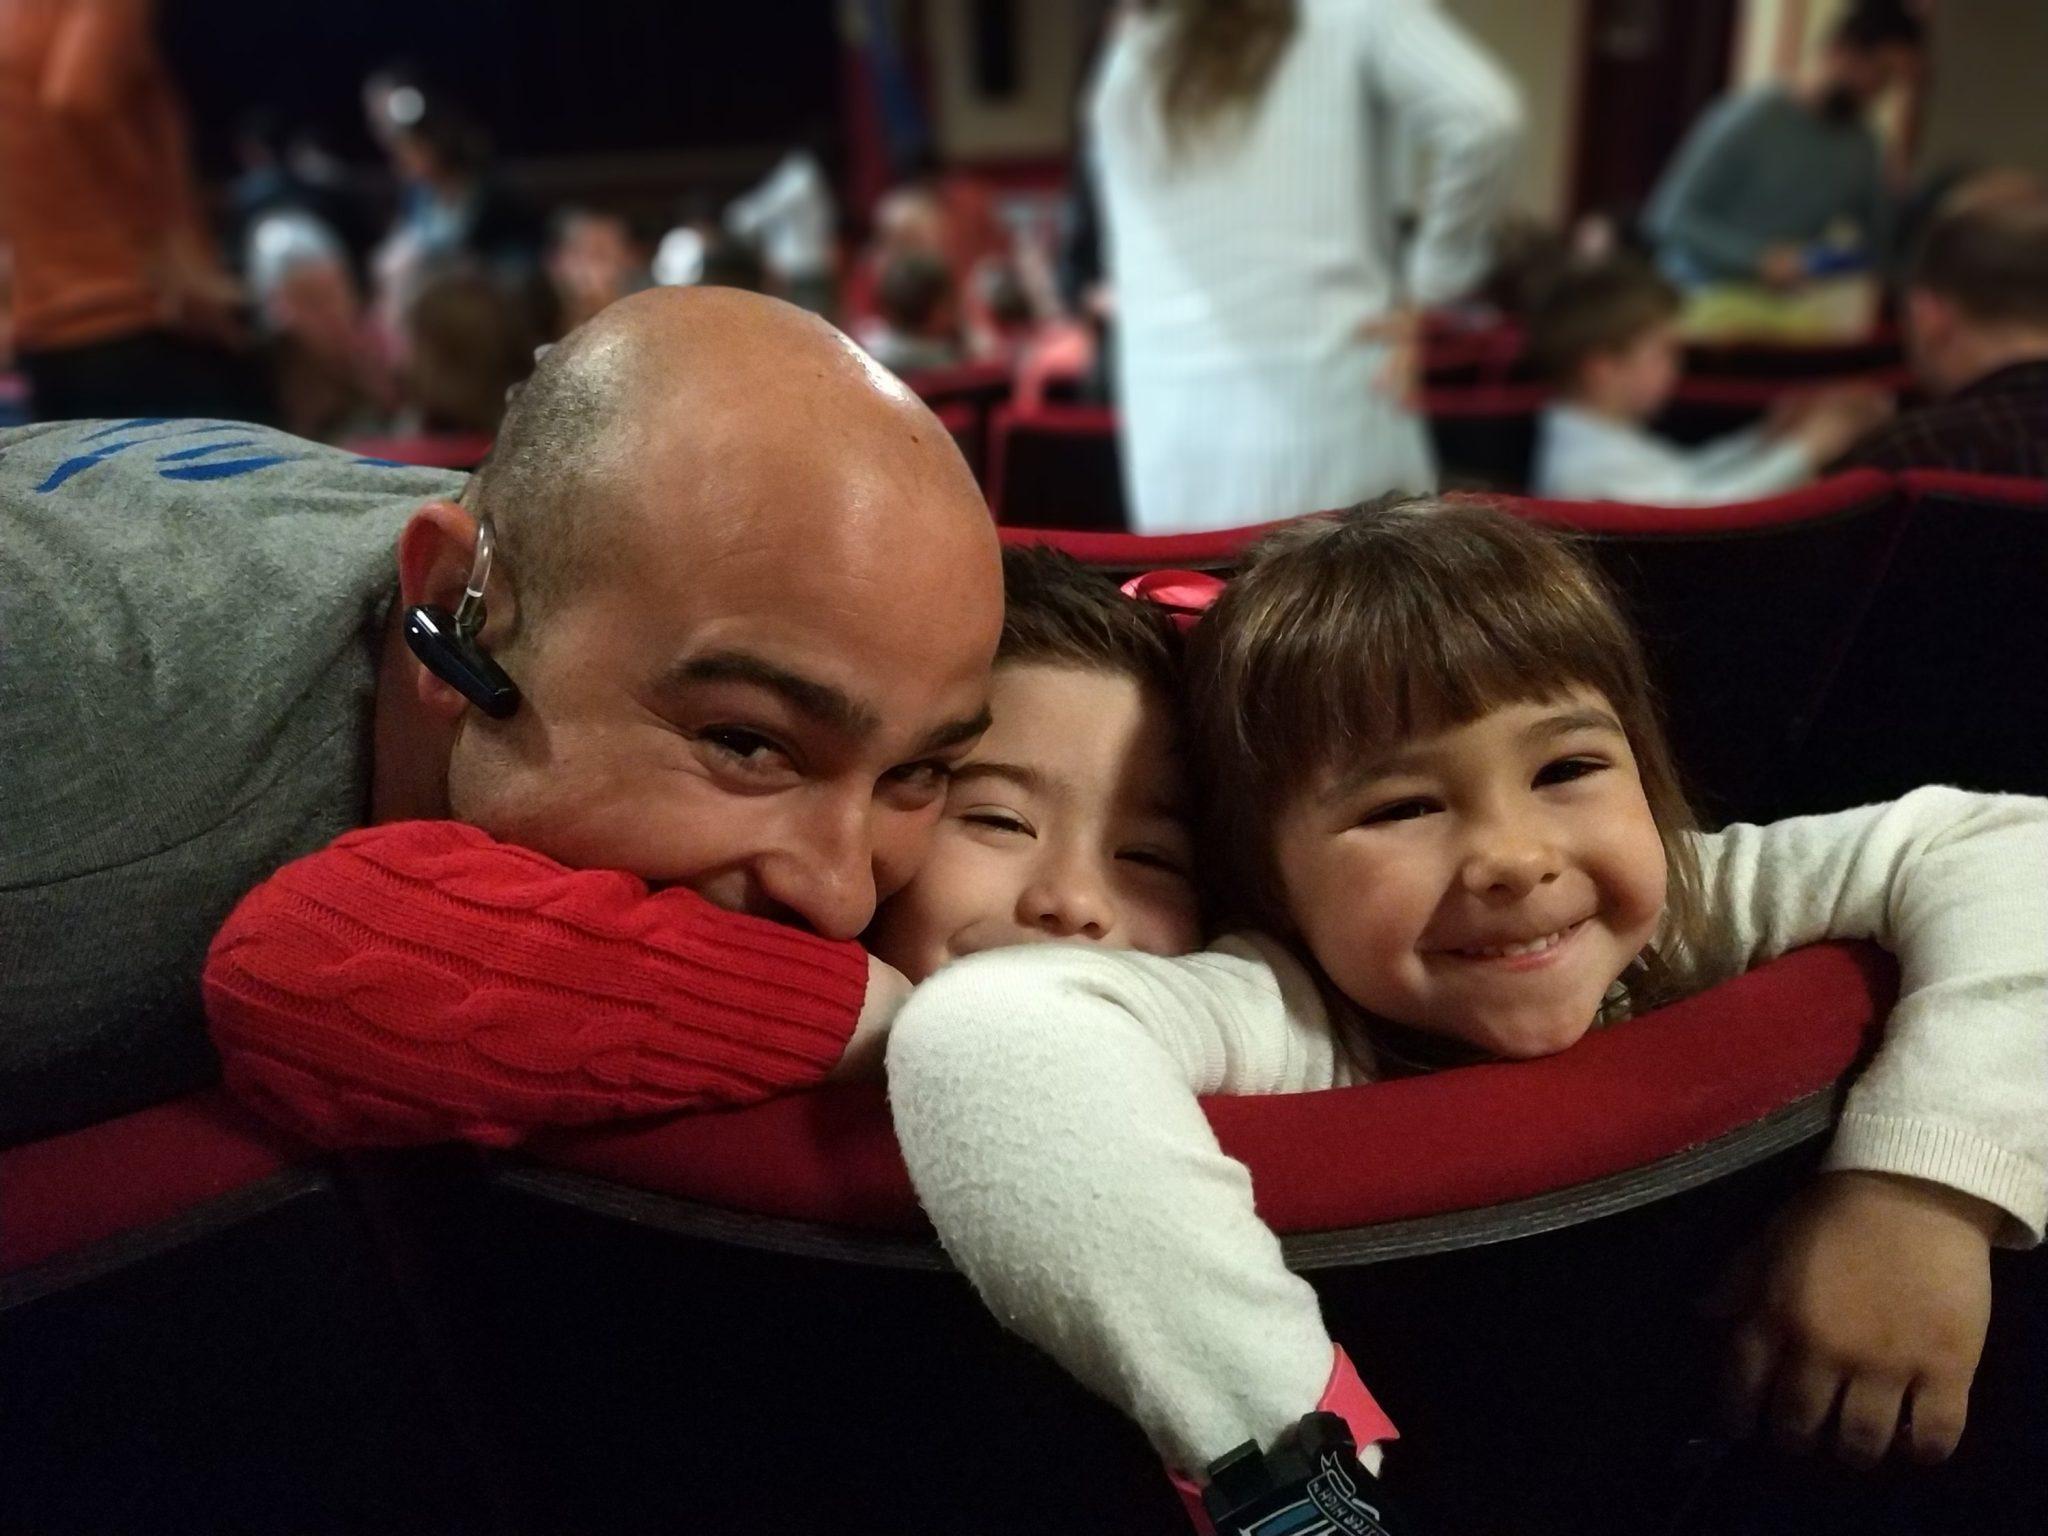 img 20190223 1307177759944121779598741 - Teatro para niños con El Maravilloso Mundo de Drilo